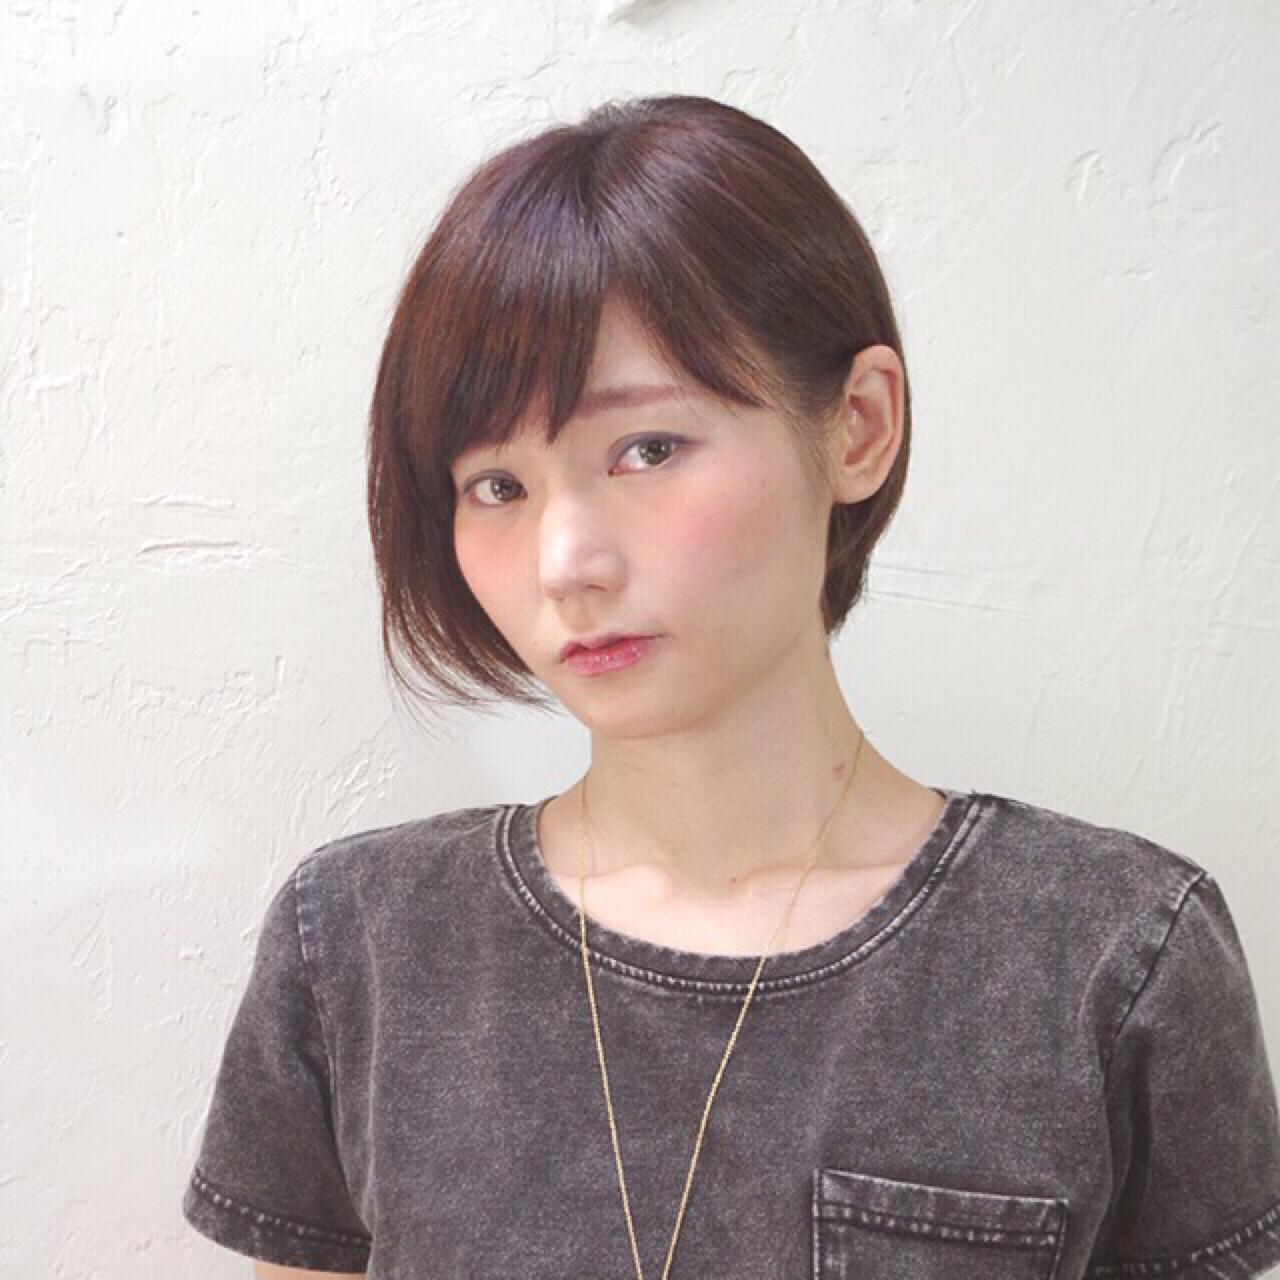 前髪あり ワイドバング 暗髪 黒髪 ヘアスタイルや髪型の写真・画像   Nao Kokubun blast / blast